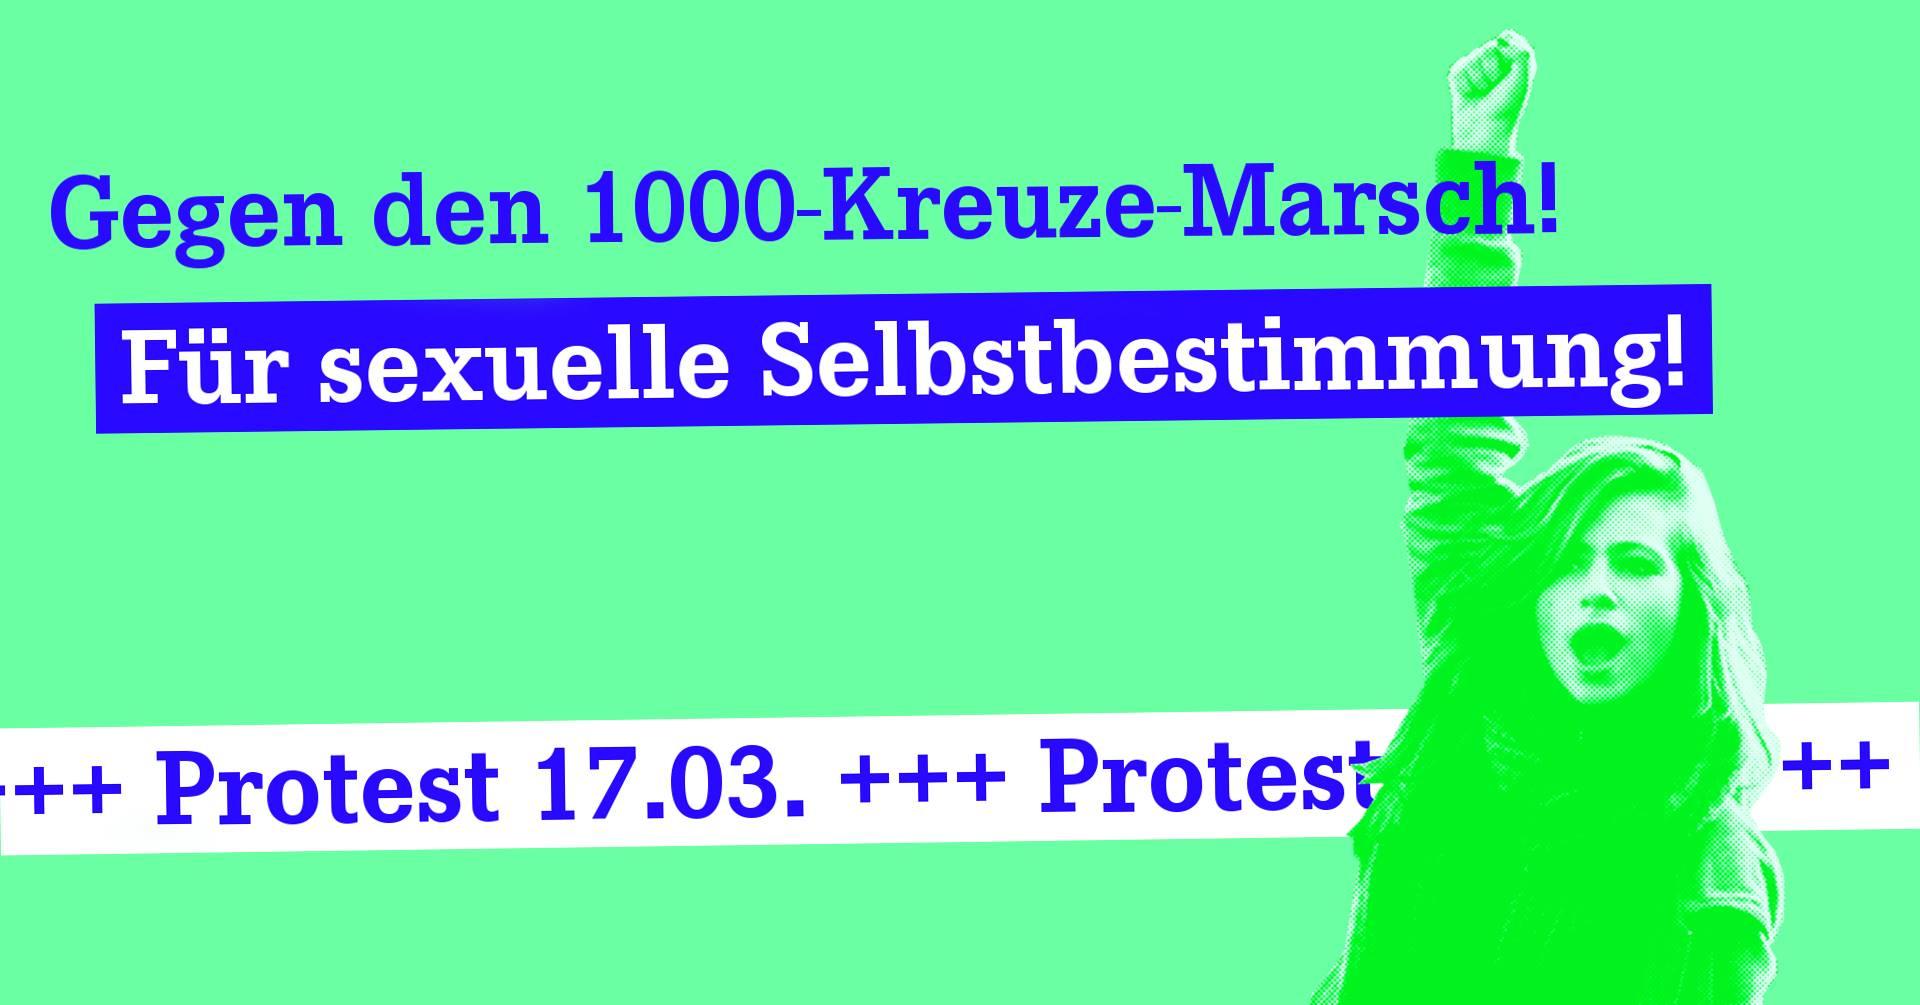 Protest gegen 1000-Kreuze Marsch